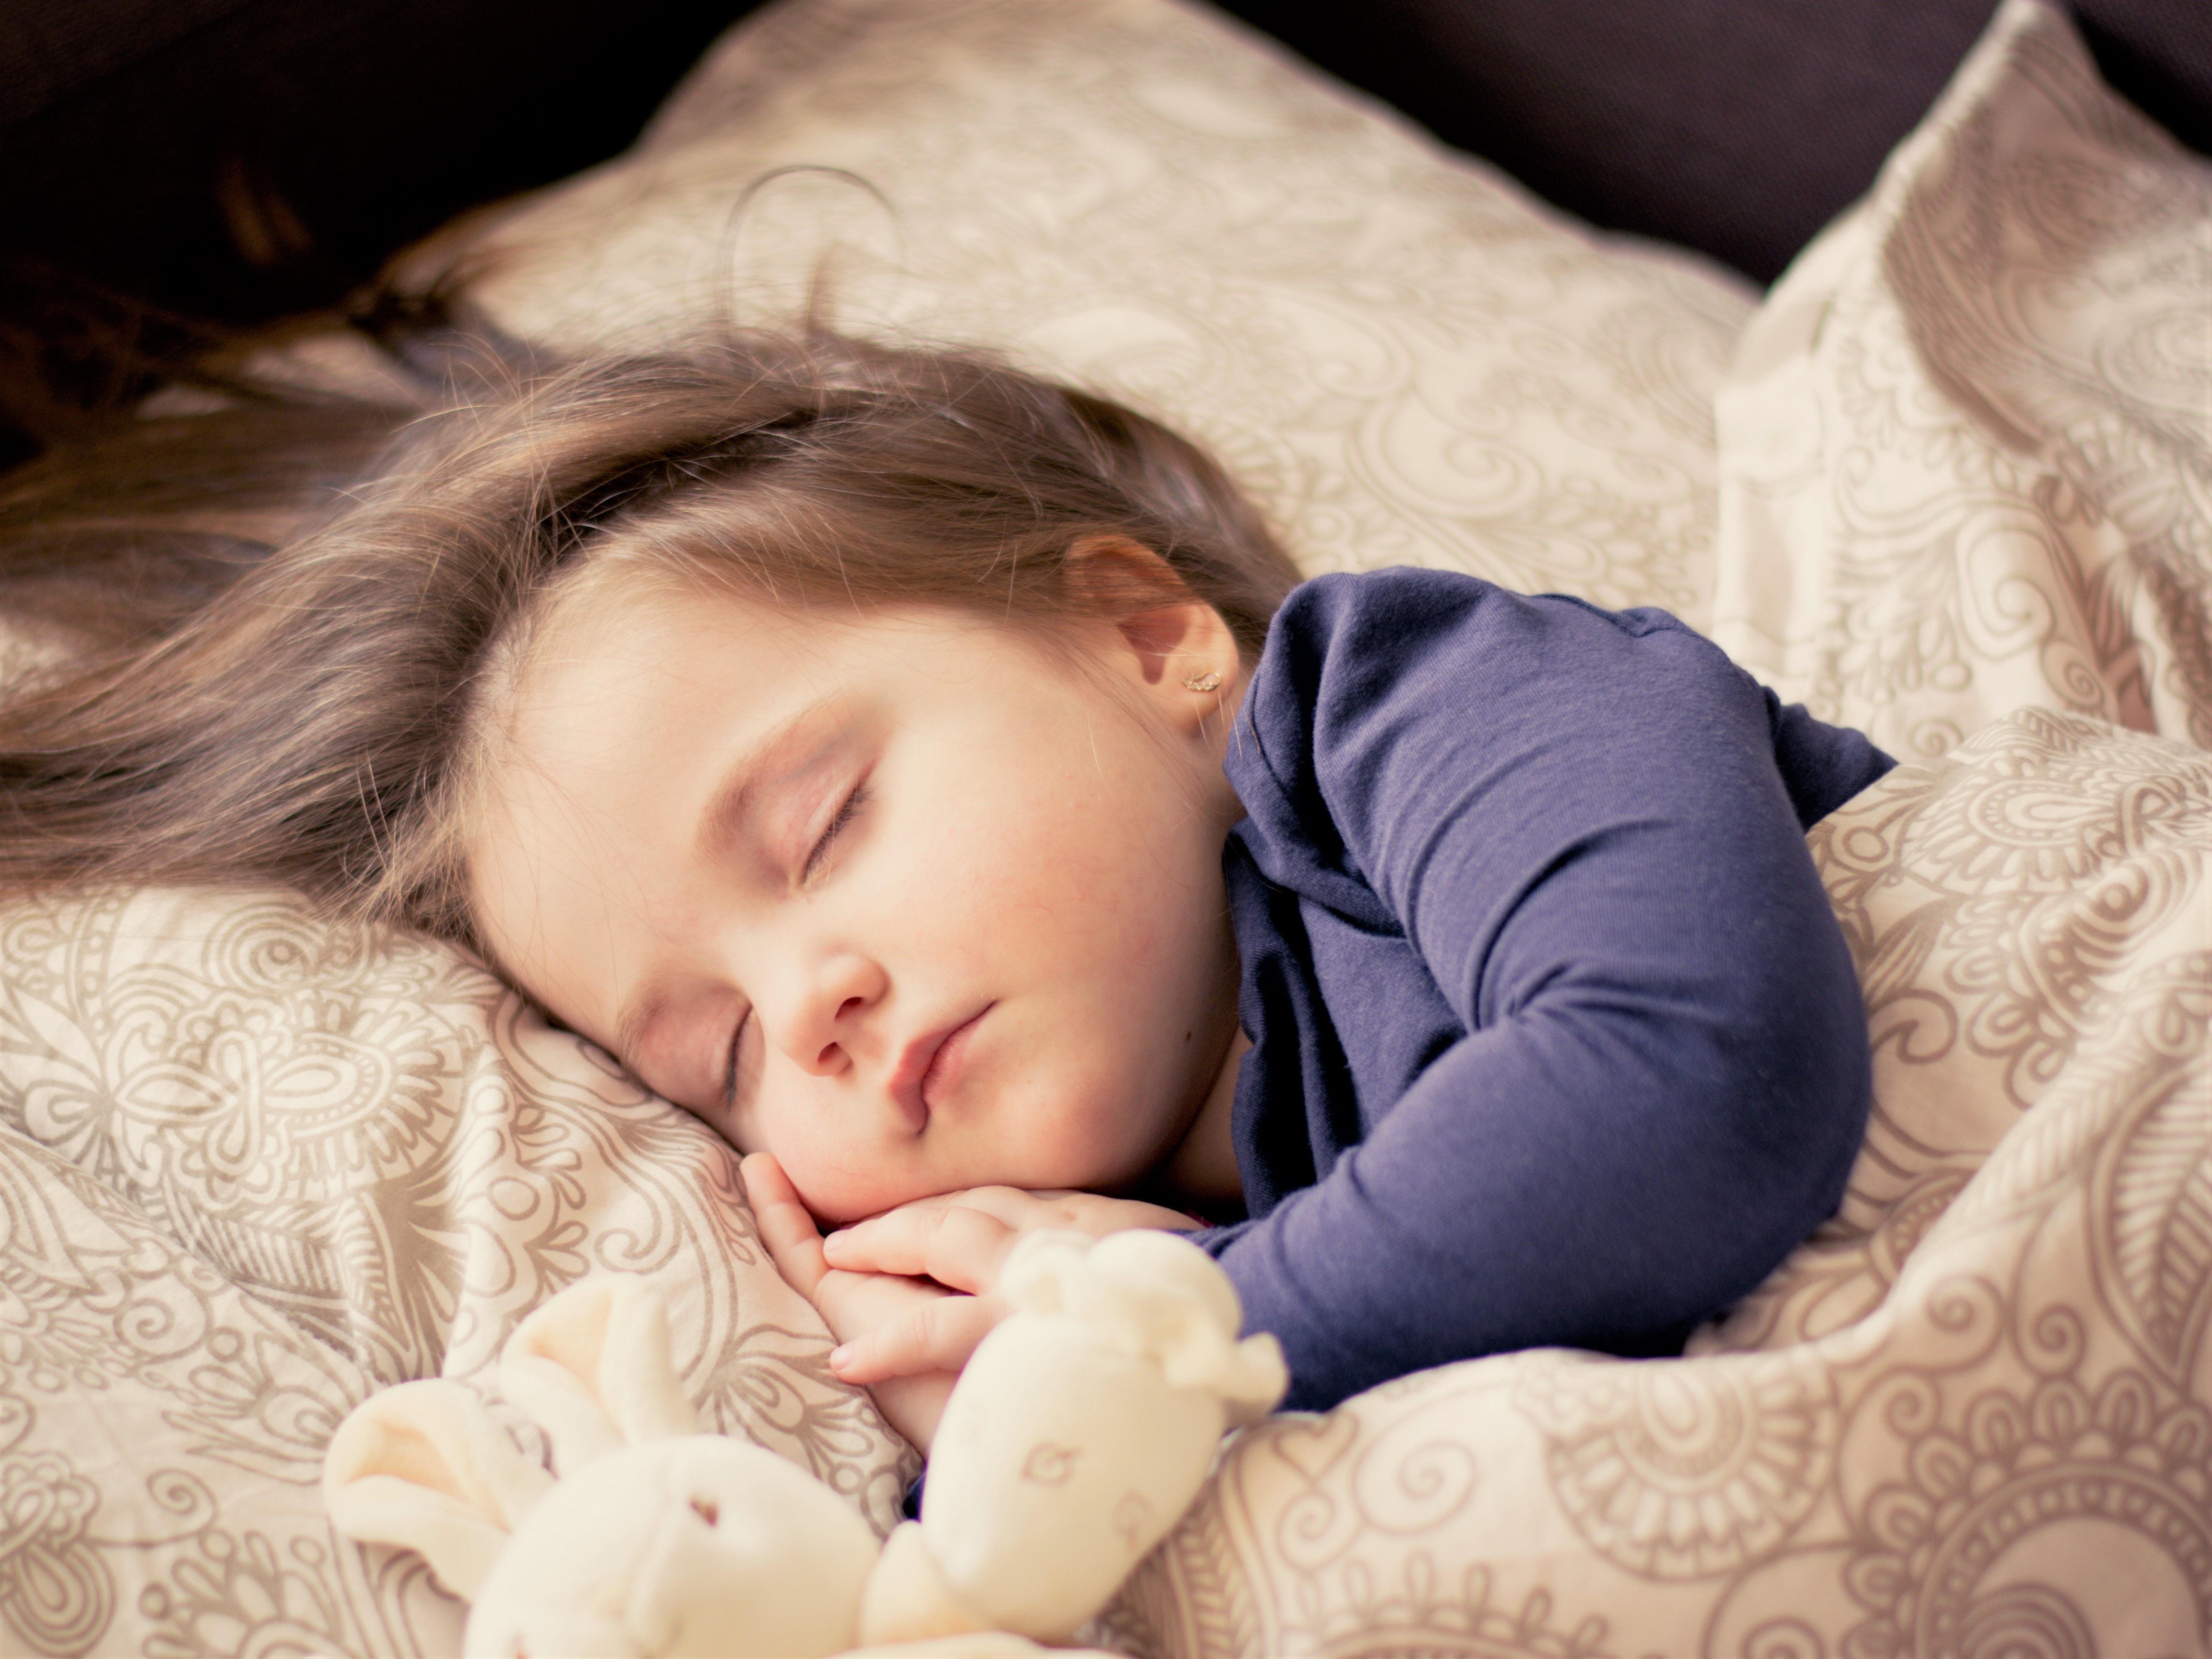 спросом человек засыпает картинка переключения